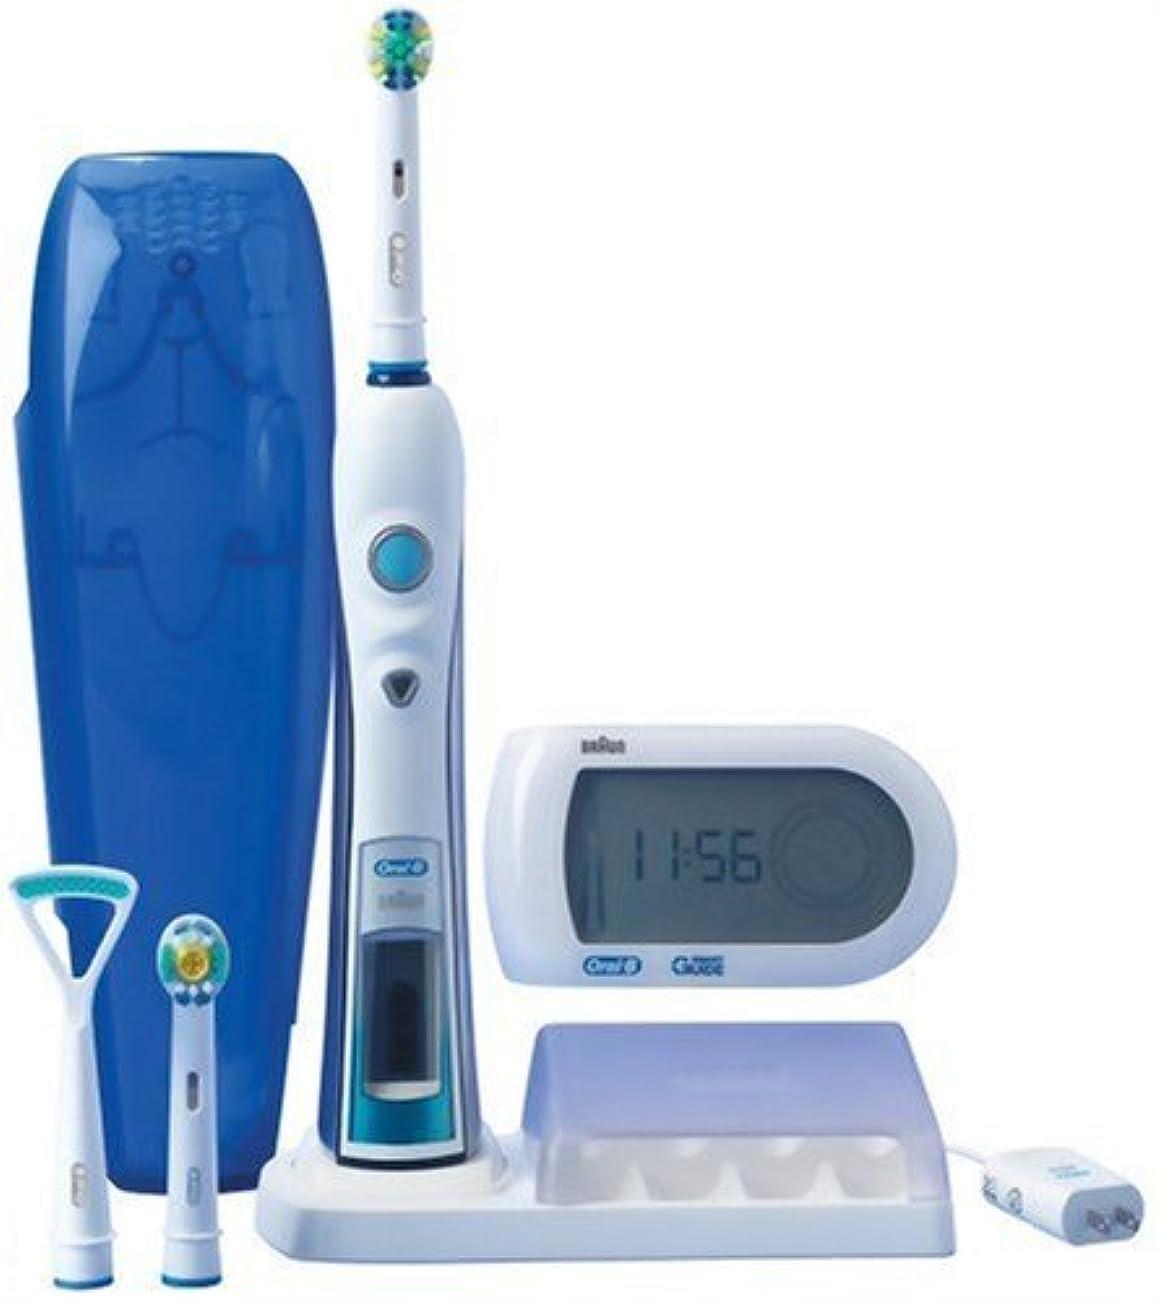 少なくともめんどりがんばり続けるブラウン オーラルB 電動歯ブラシ 多機能ハイグレードモデル 歯磨きナビ付 D325365X